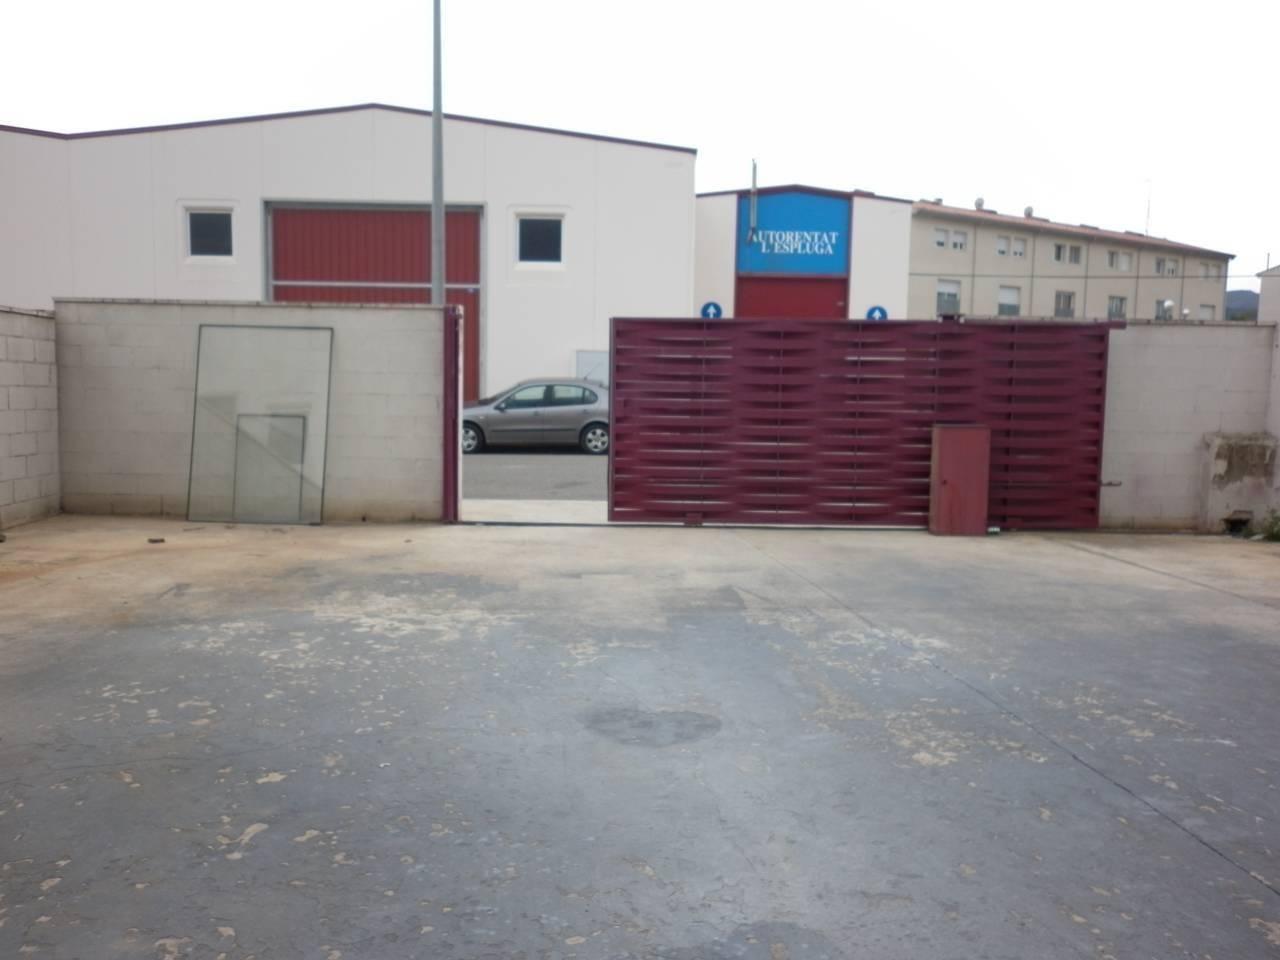 Nave industrial  Calle bovila francolina es: 1 pl:00. Superf. 472 m², 333 m² solar, patio de 140m2 cerrado, grua, aisl